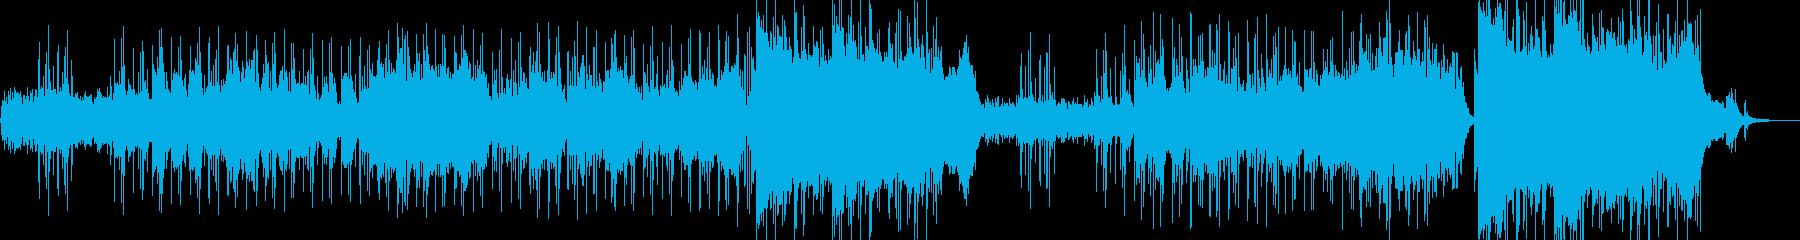 落ち着くシンセとピアノの再生済みの波形